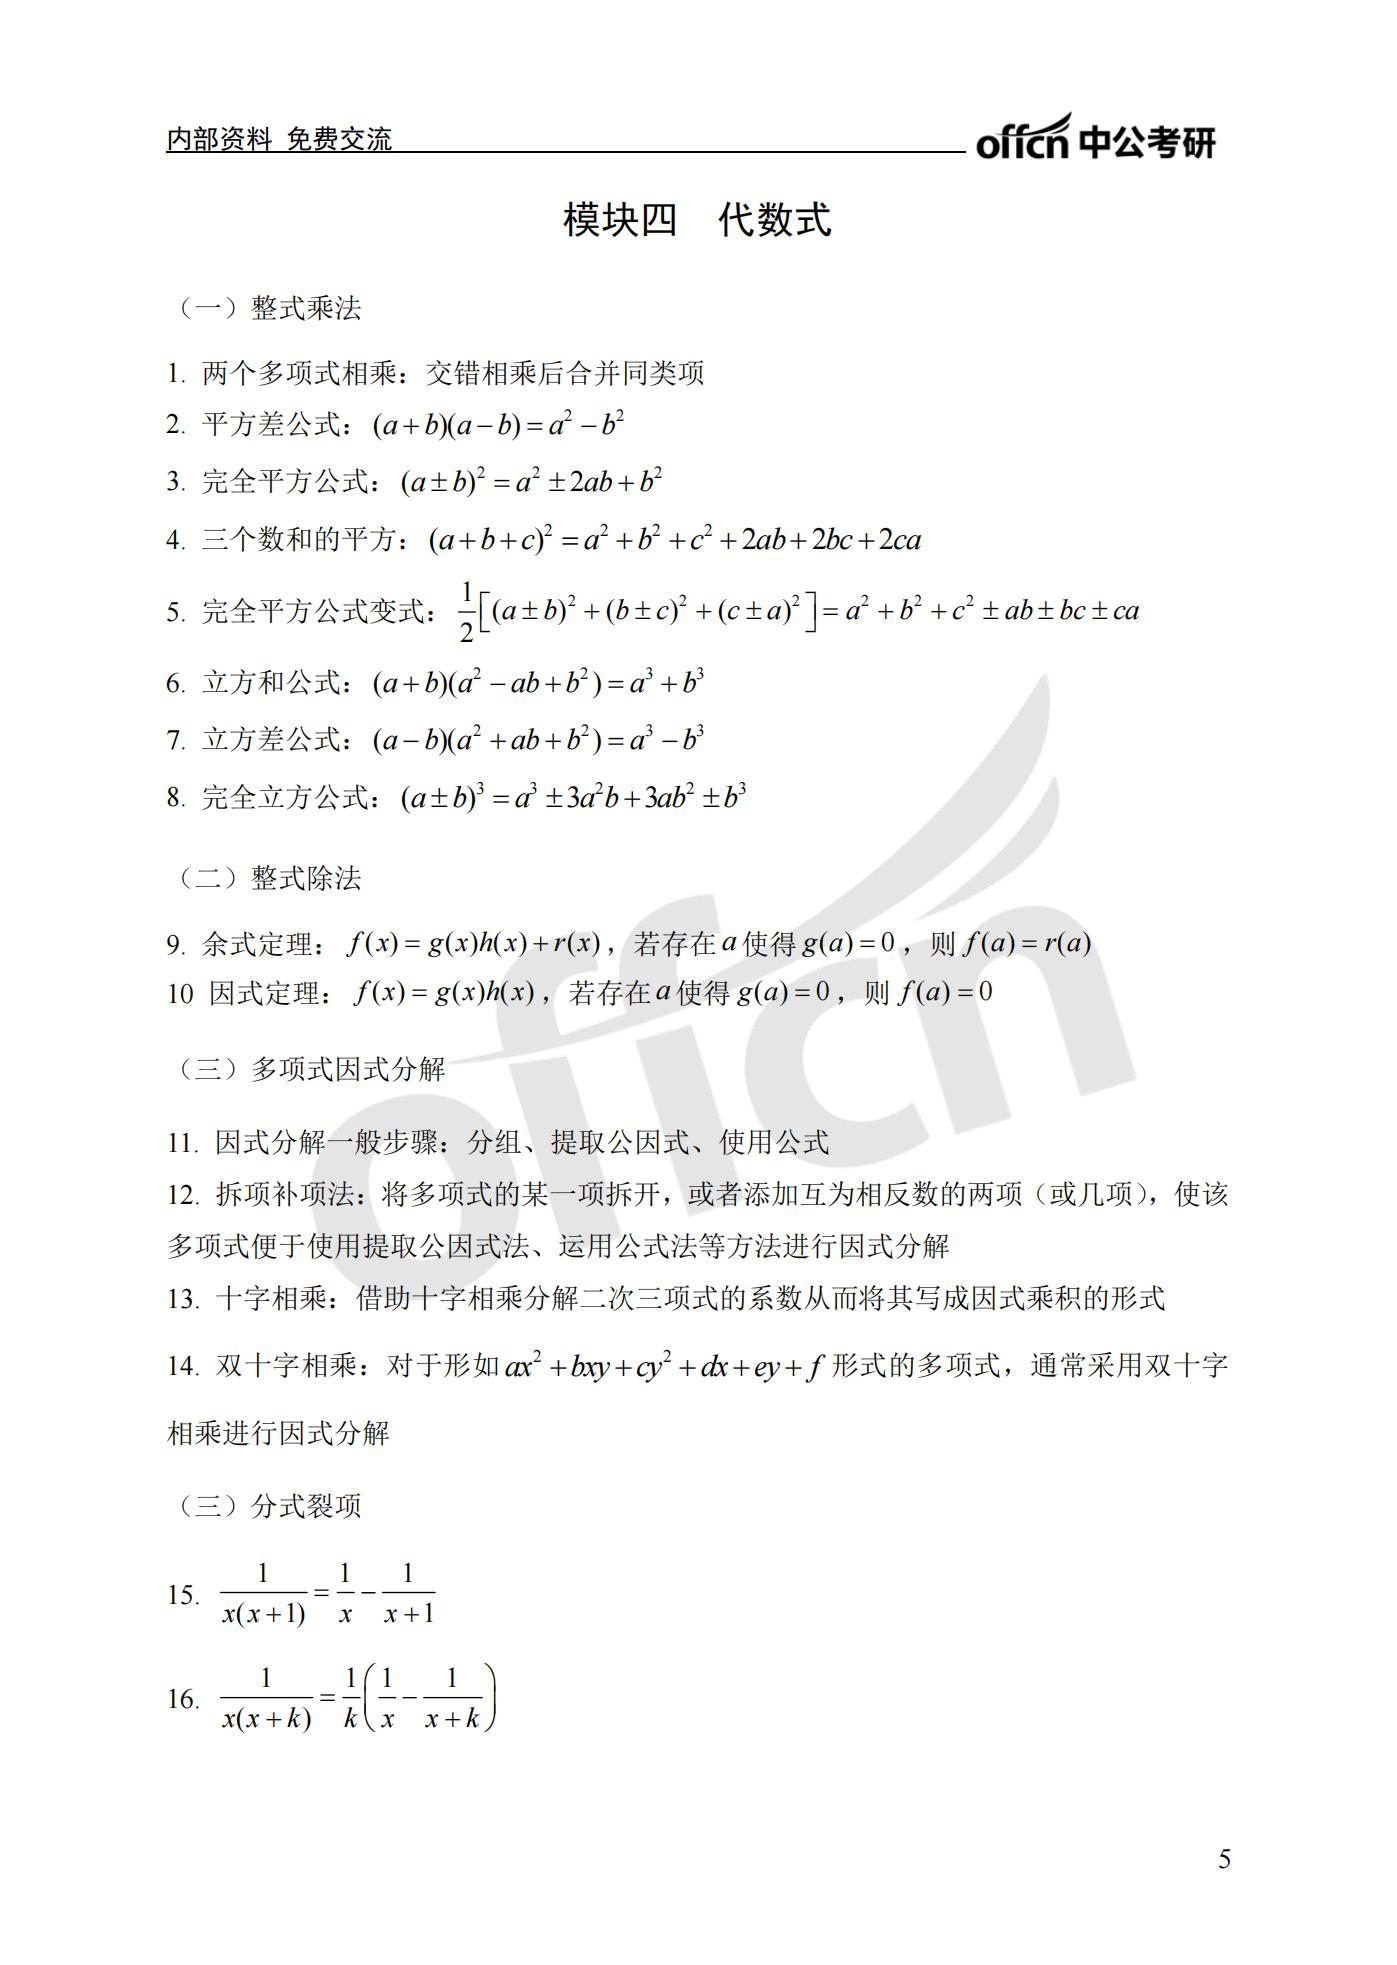 2021考研管综初数必备公式_08(1).png